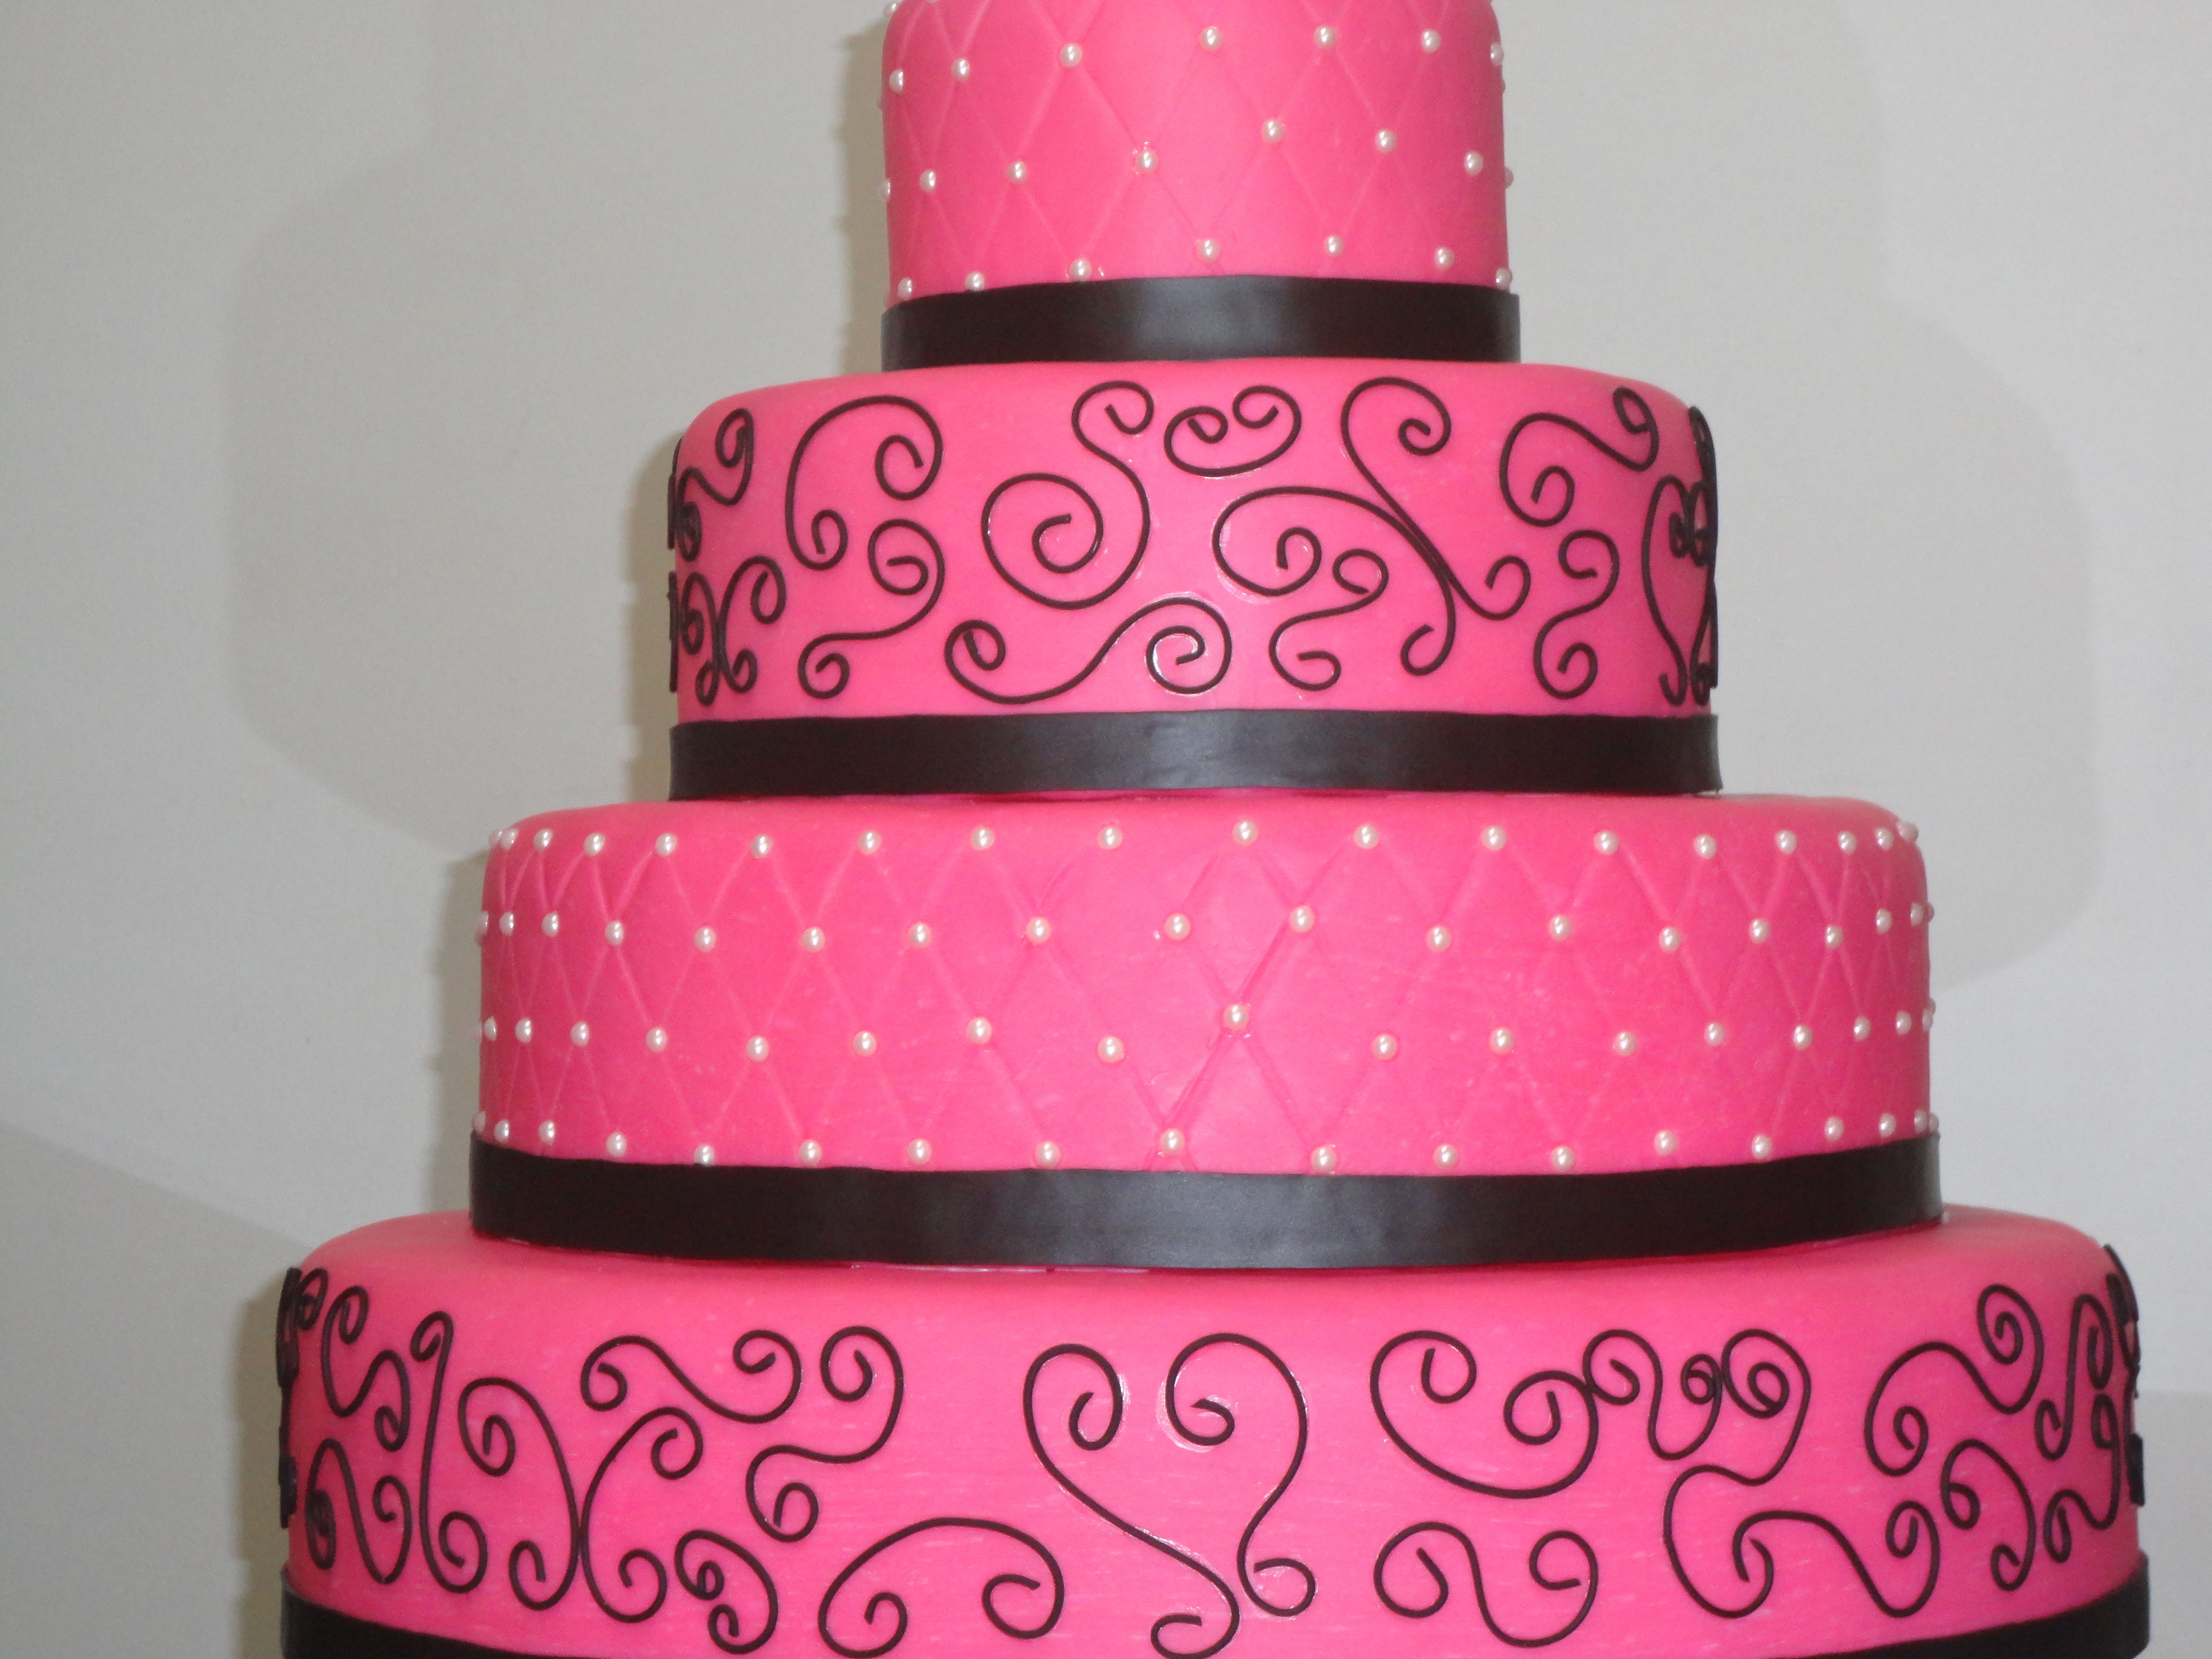 Taty lissant 10 bolos para festas de 15 anos 10 bolos para festas de 15 anos thecheapjerseys Choice Image